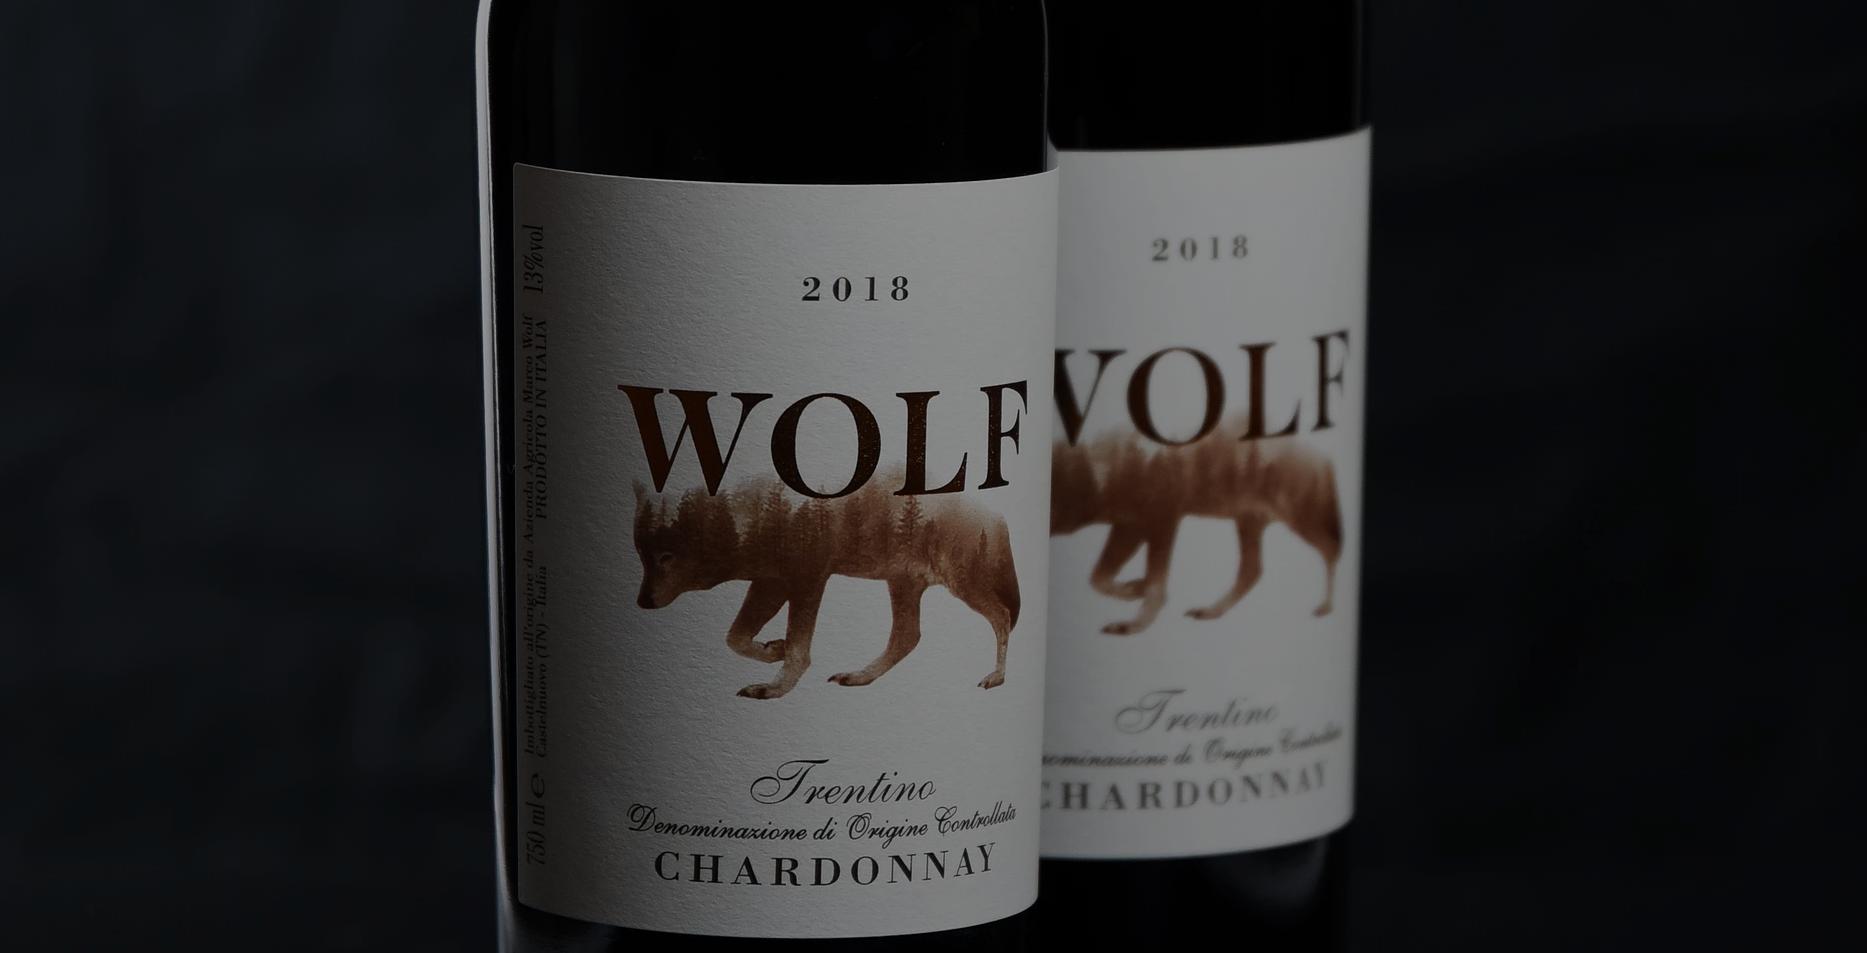 Wijnstokken, zelfs in Valsugana kun je hoge kwaliteit maken ... Marco Wolf